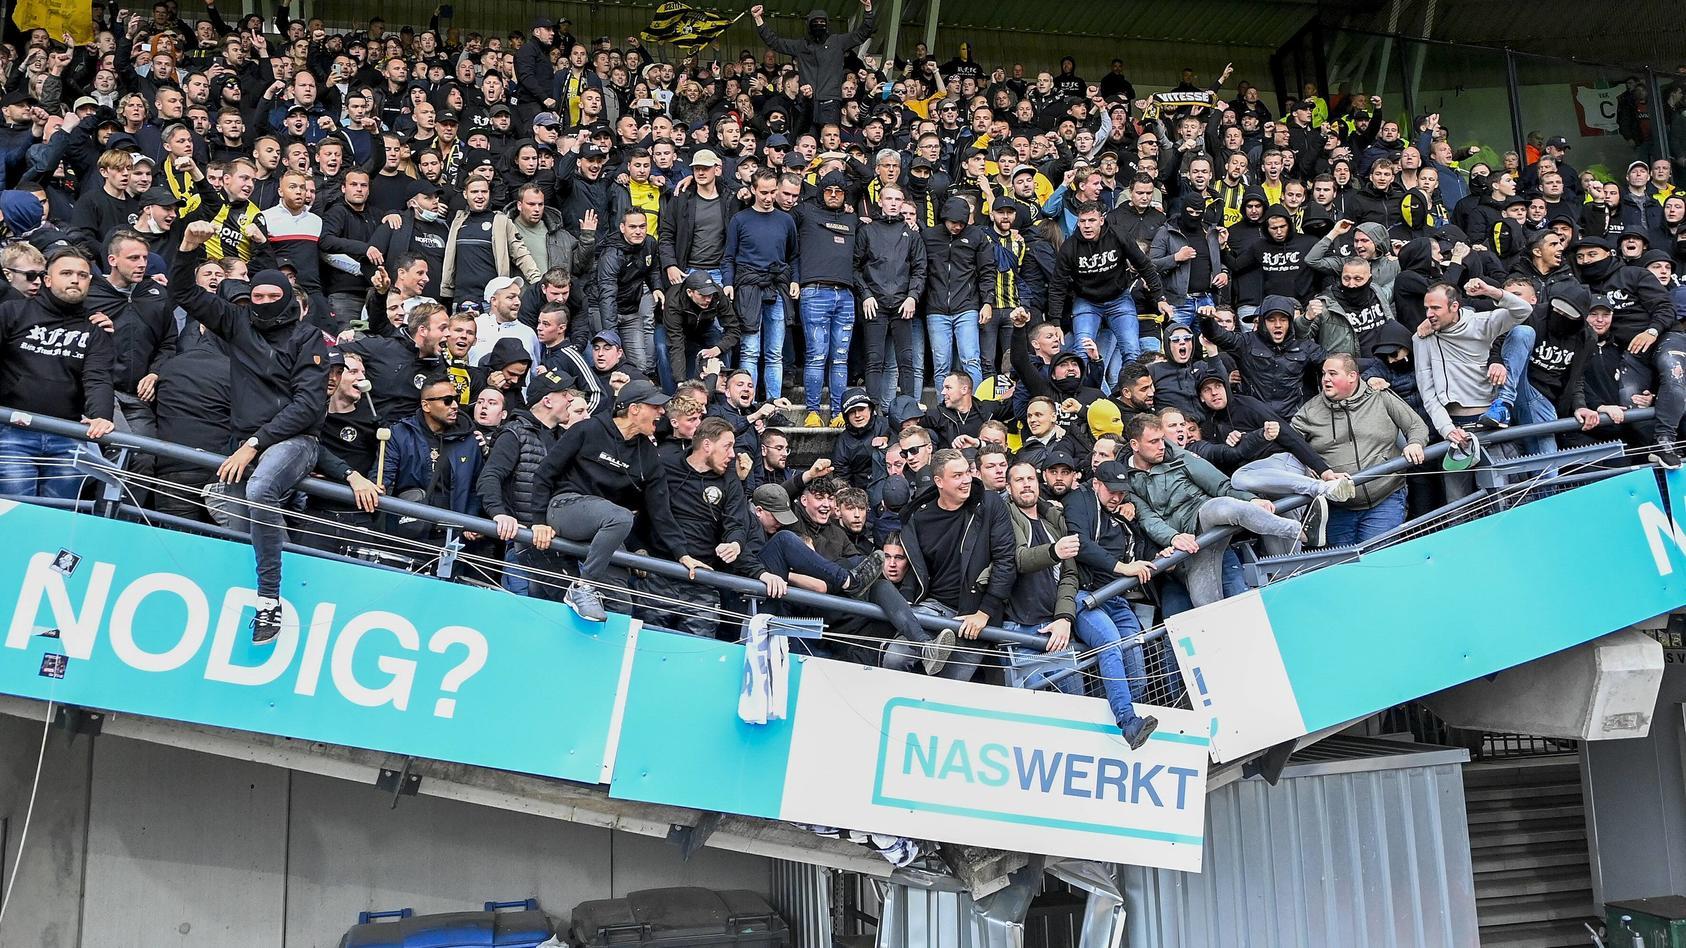 raoge-mogen-abbrechen-die-feierlaune-der-arnheimer-fans-aber-nicht